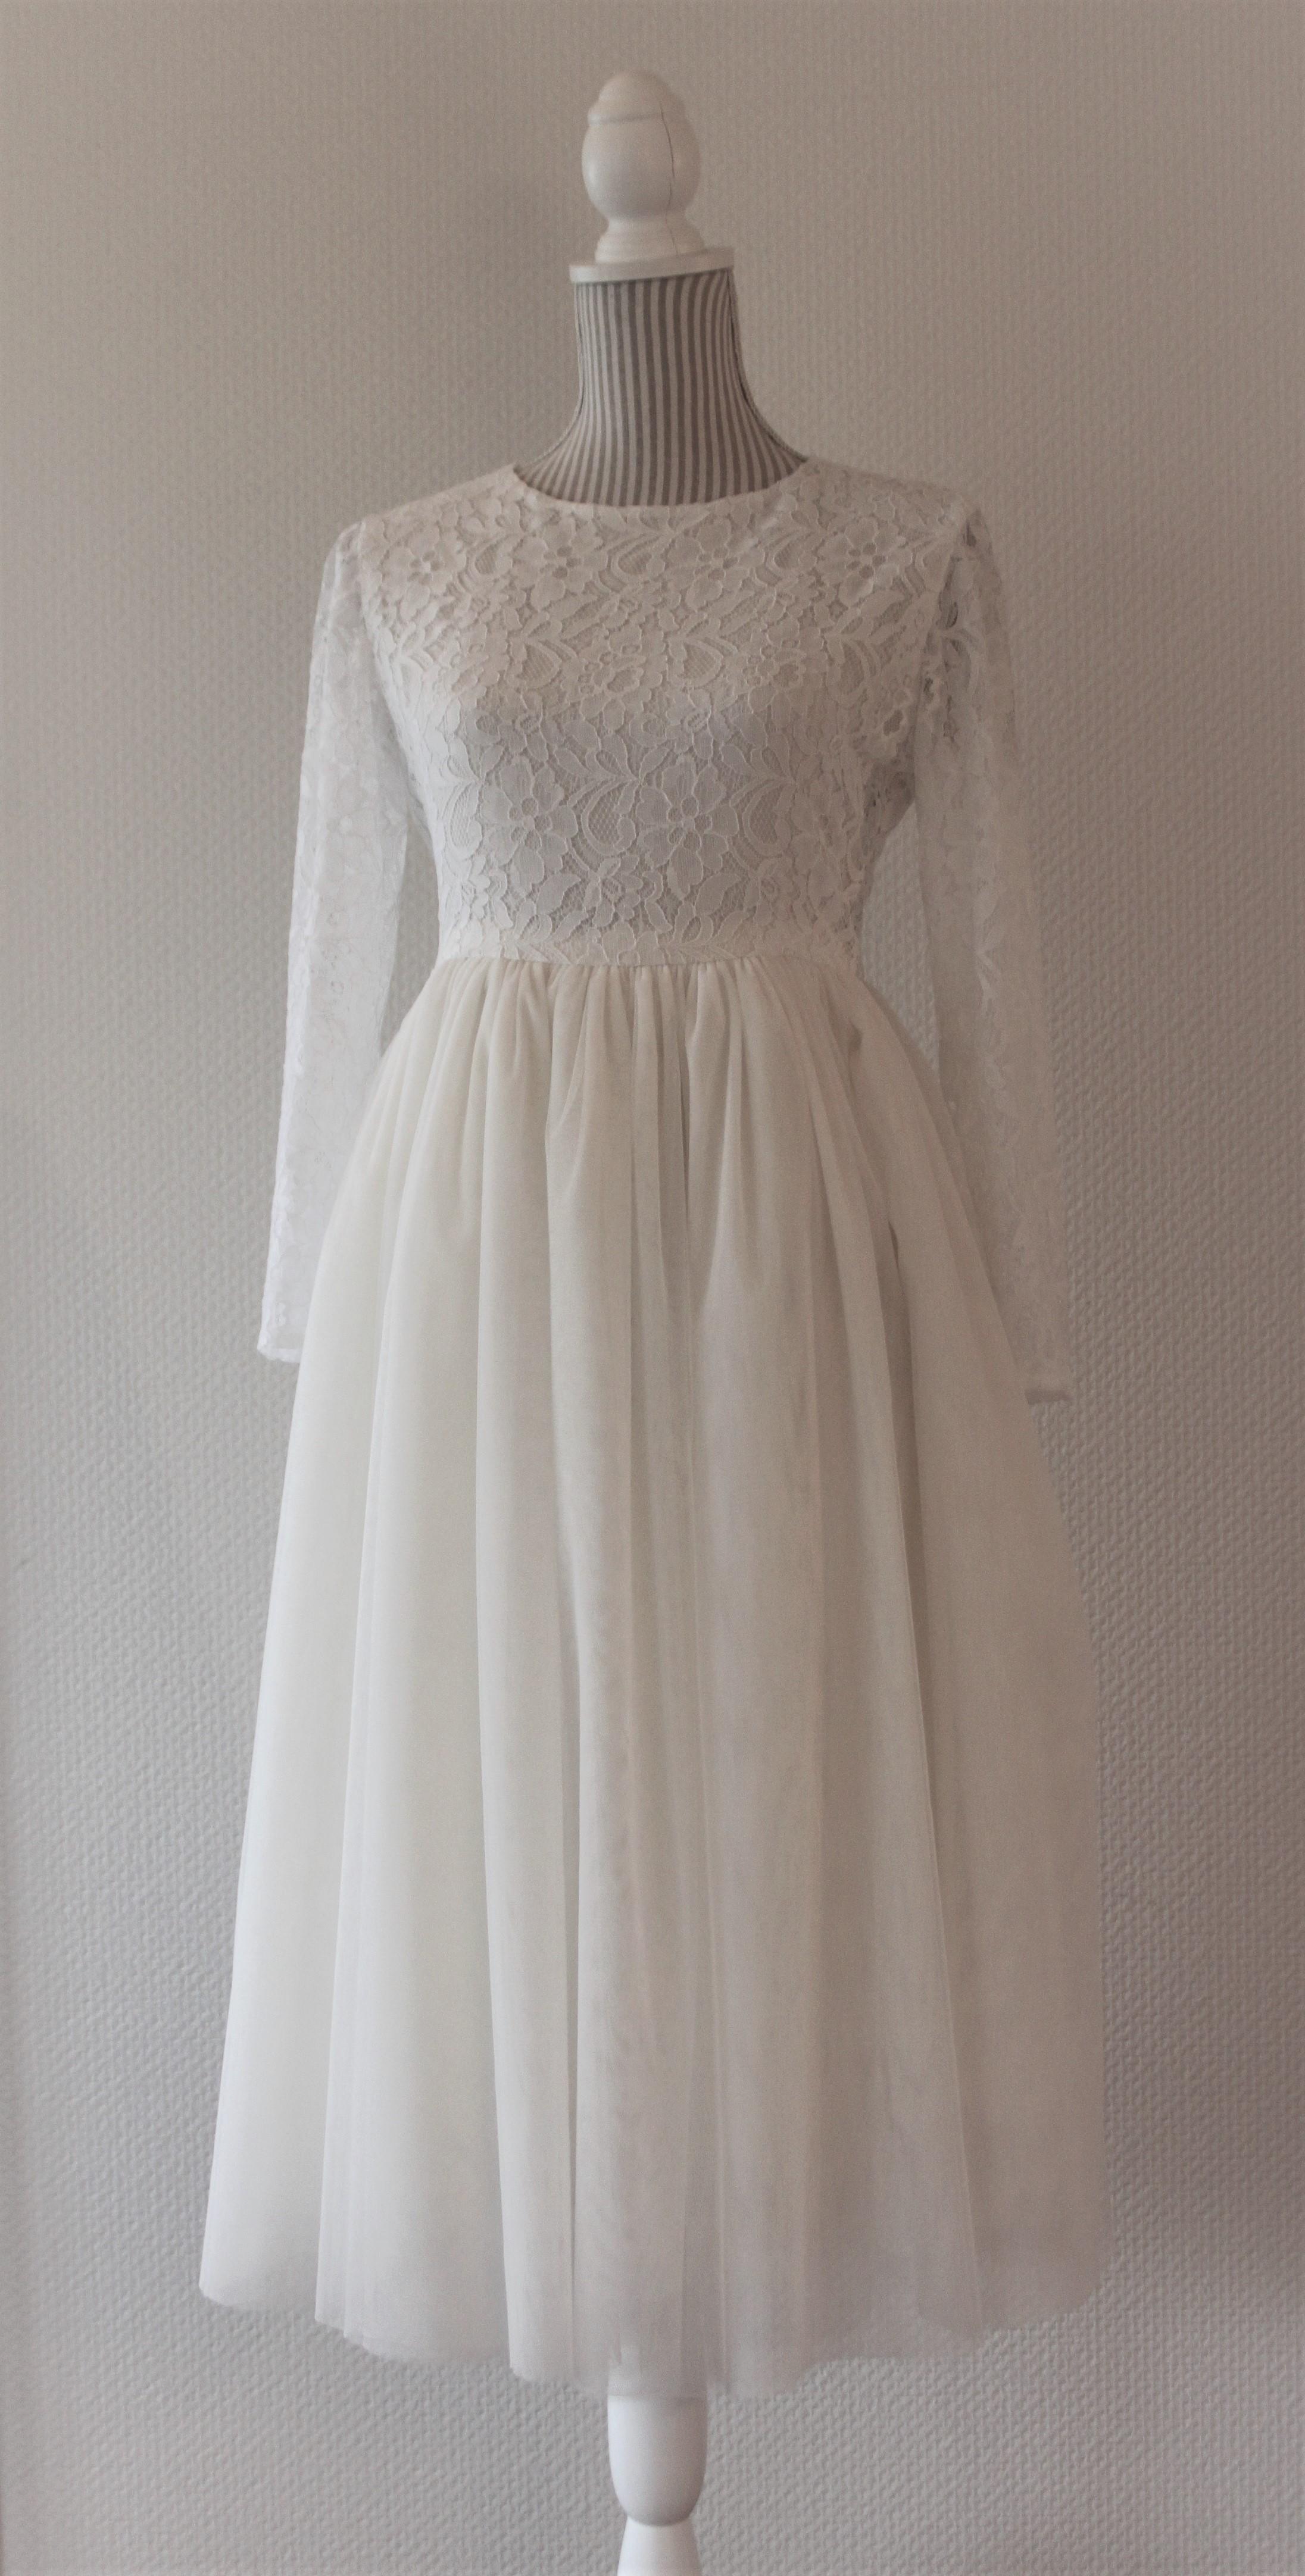 bfc1adde Et bredt silkebånd i burgunder ble i bryllupet brukt som belte i midjen.